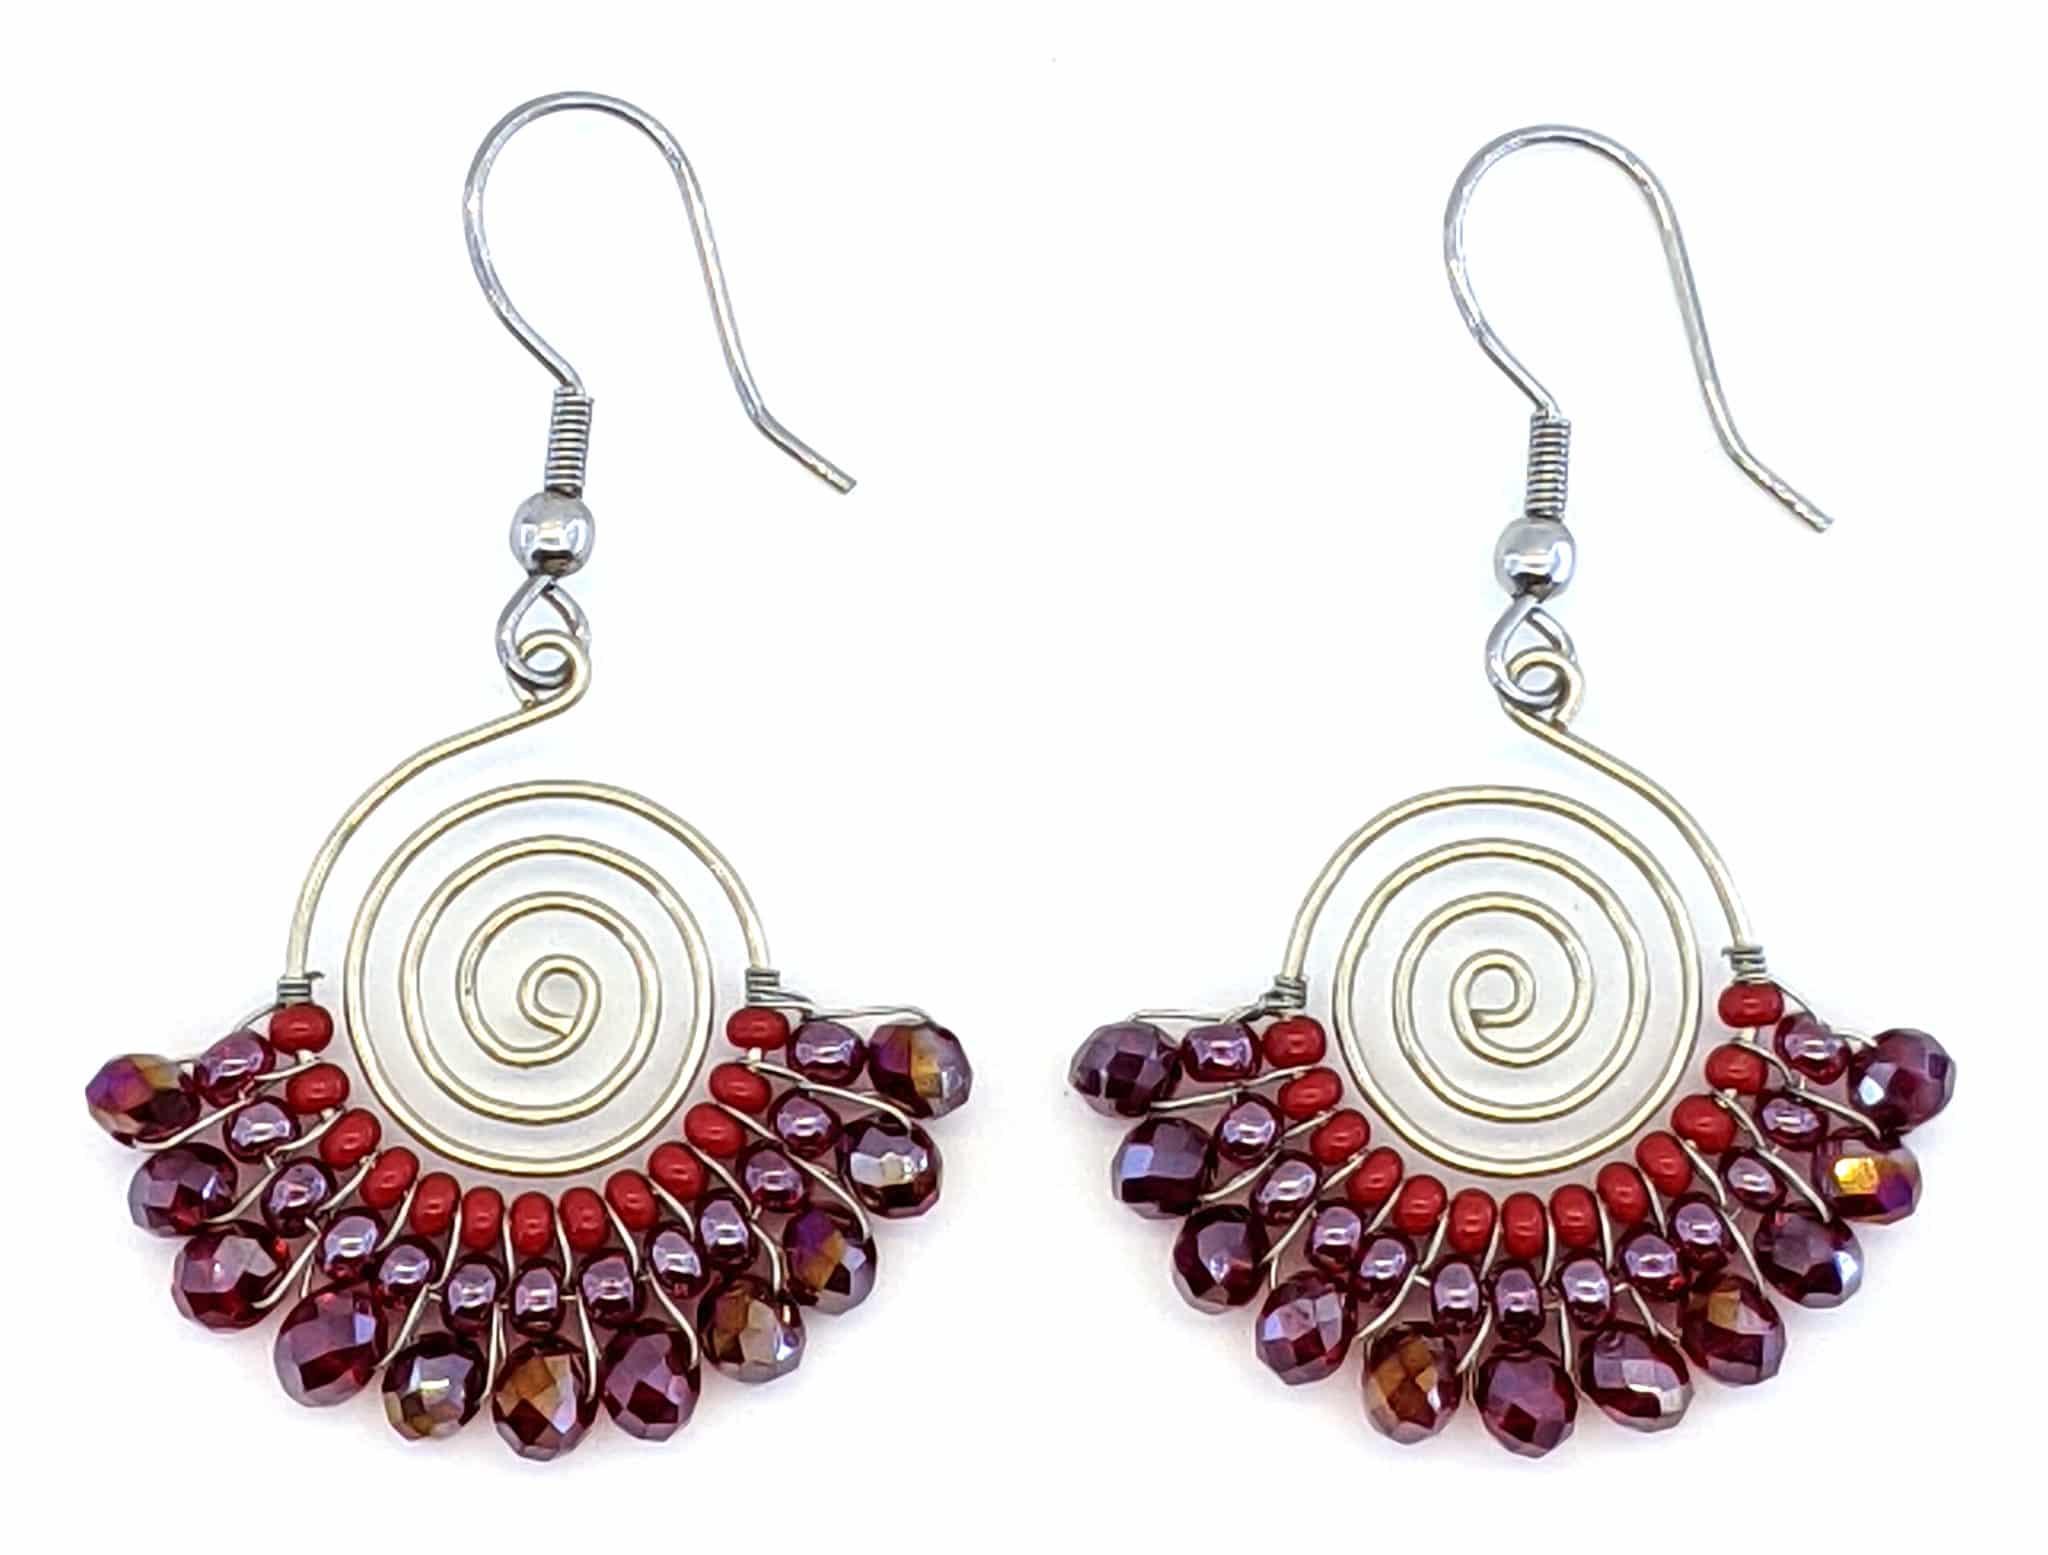 Spiral Skirt Beaded Earrings - Reds